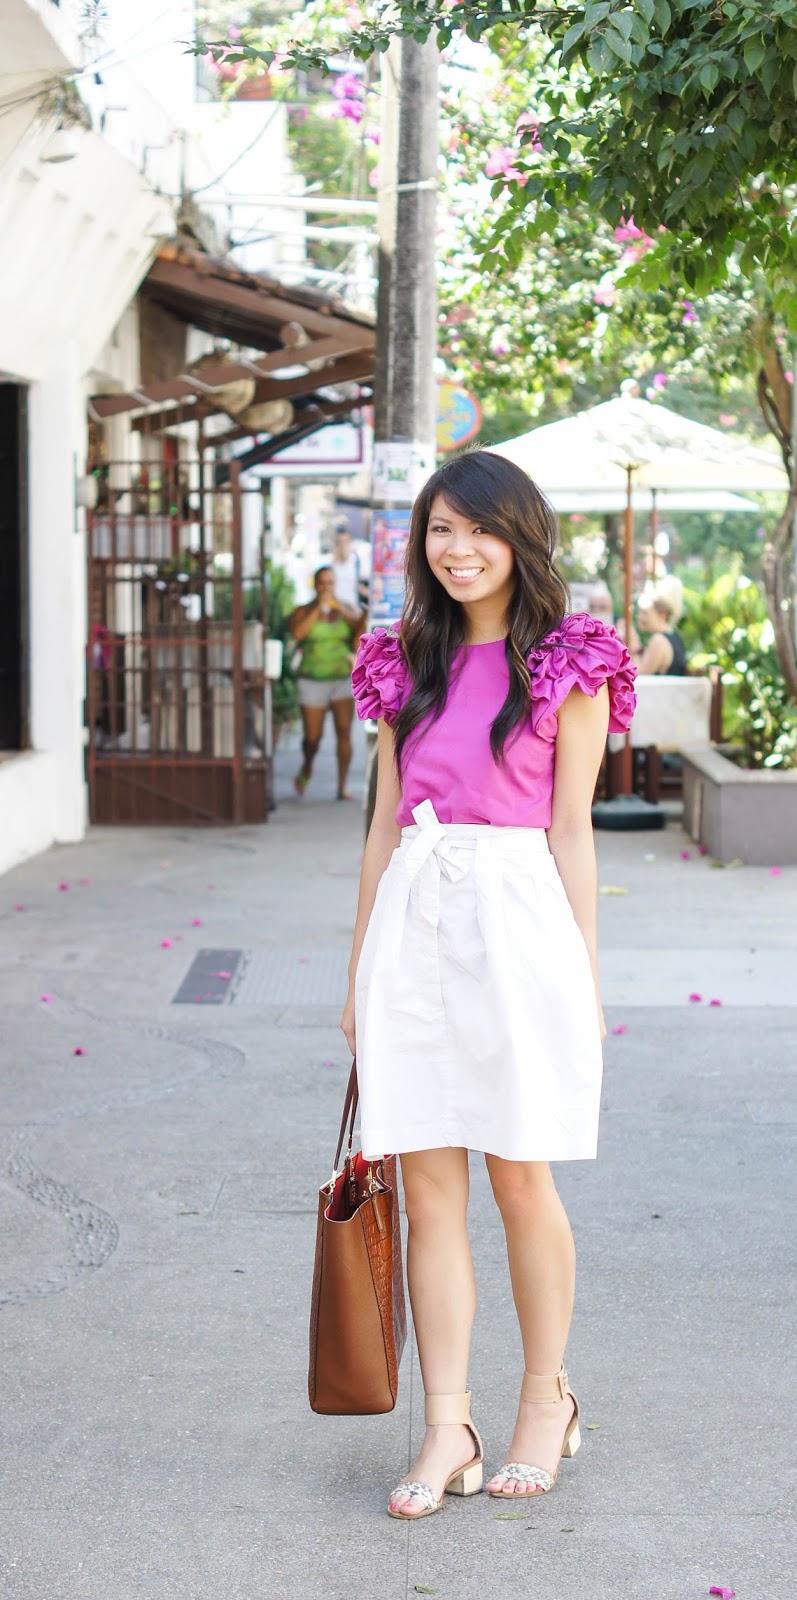 justatinabit-pink-ruffle-top-white-skirt-2